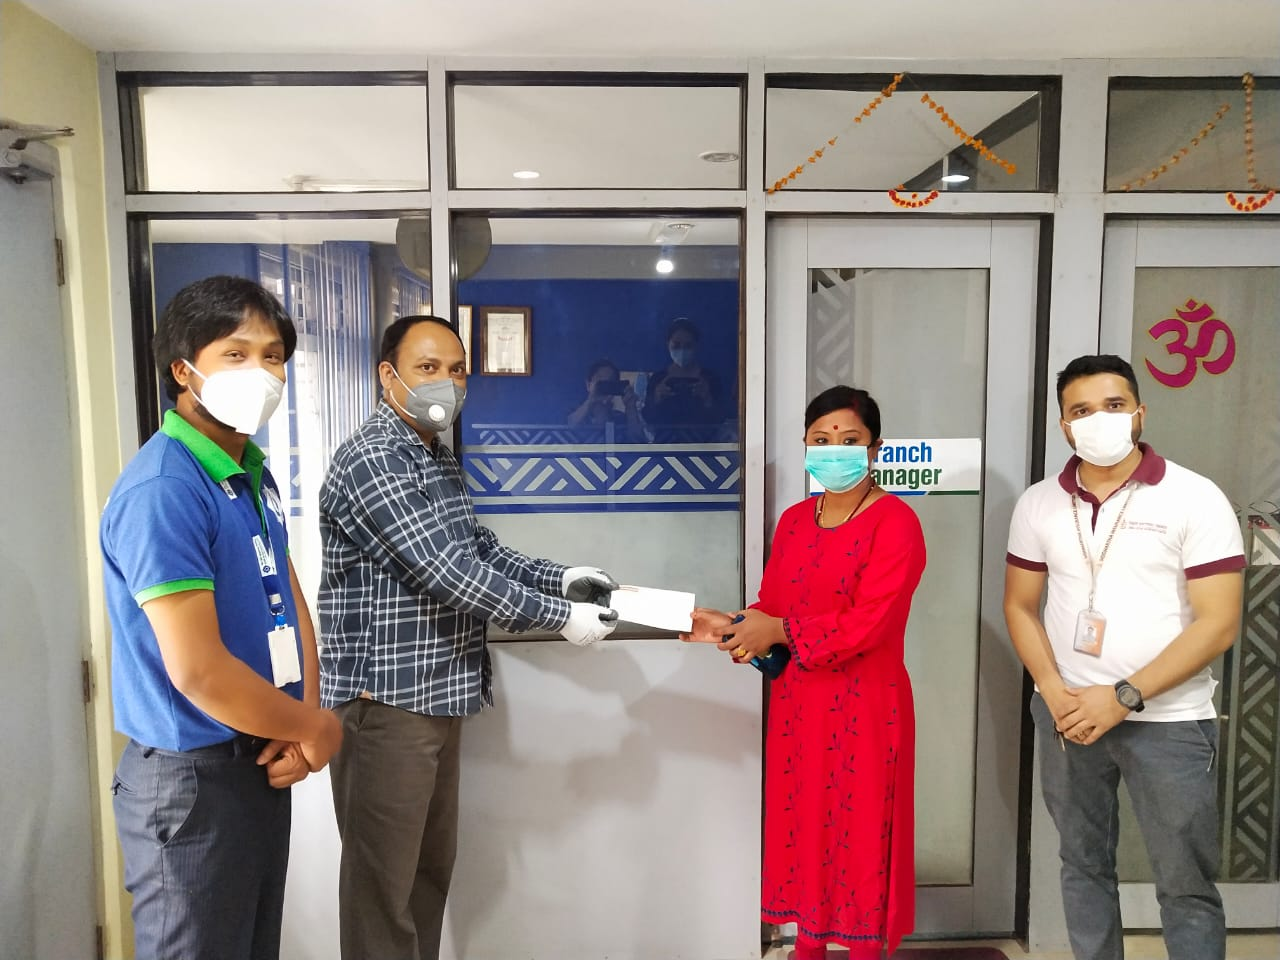 बैंक अफ काठमाण्डूको निक्षेपग्राहकलाई बीमा दाबी रकम भुक्तानी